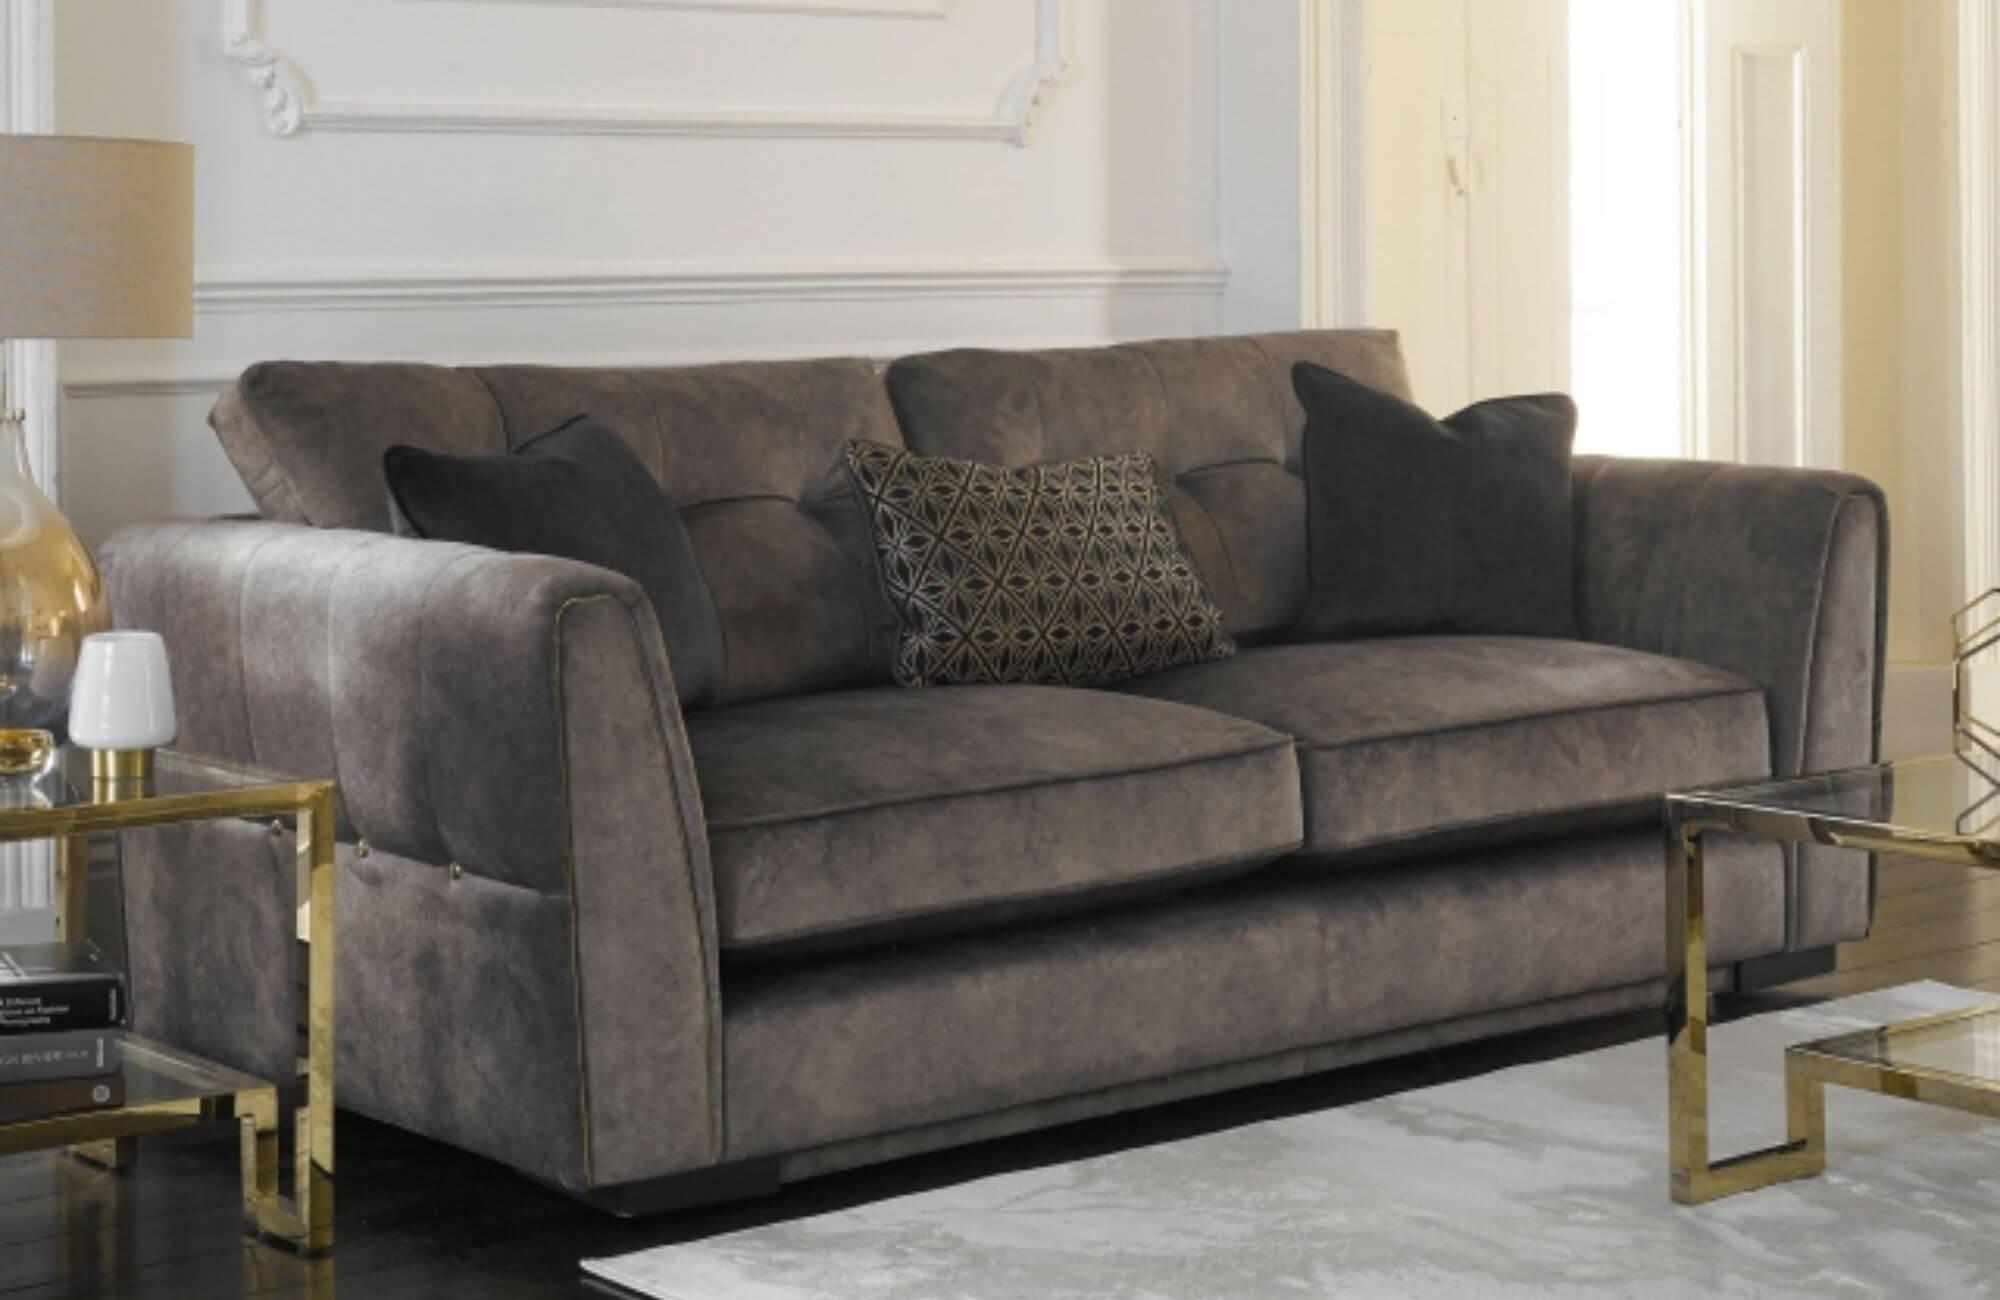 Sophie fabric sofa